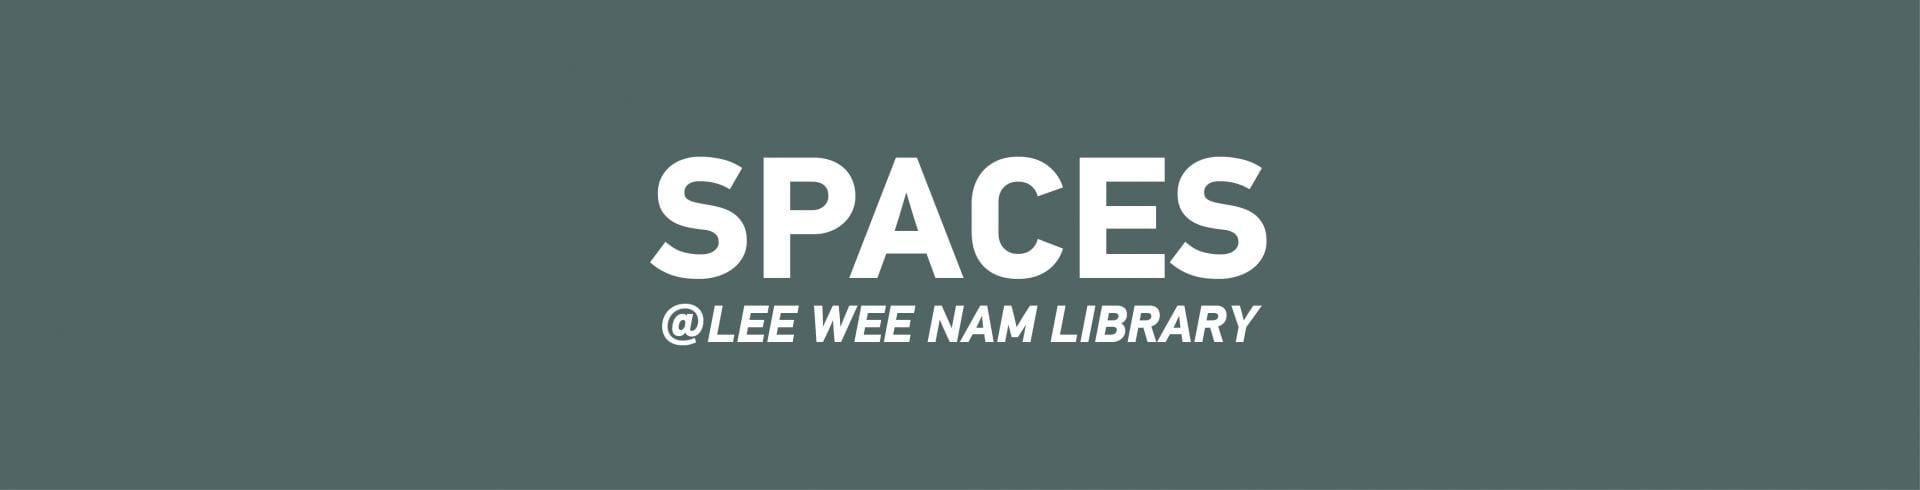 Lee Wee Nam Library Spaces